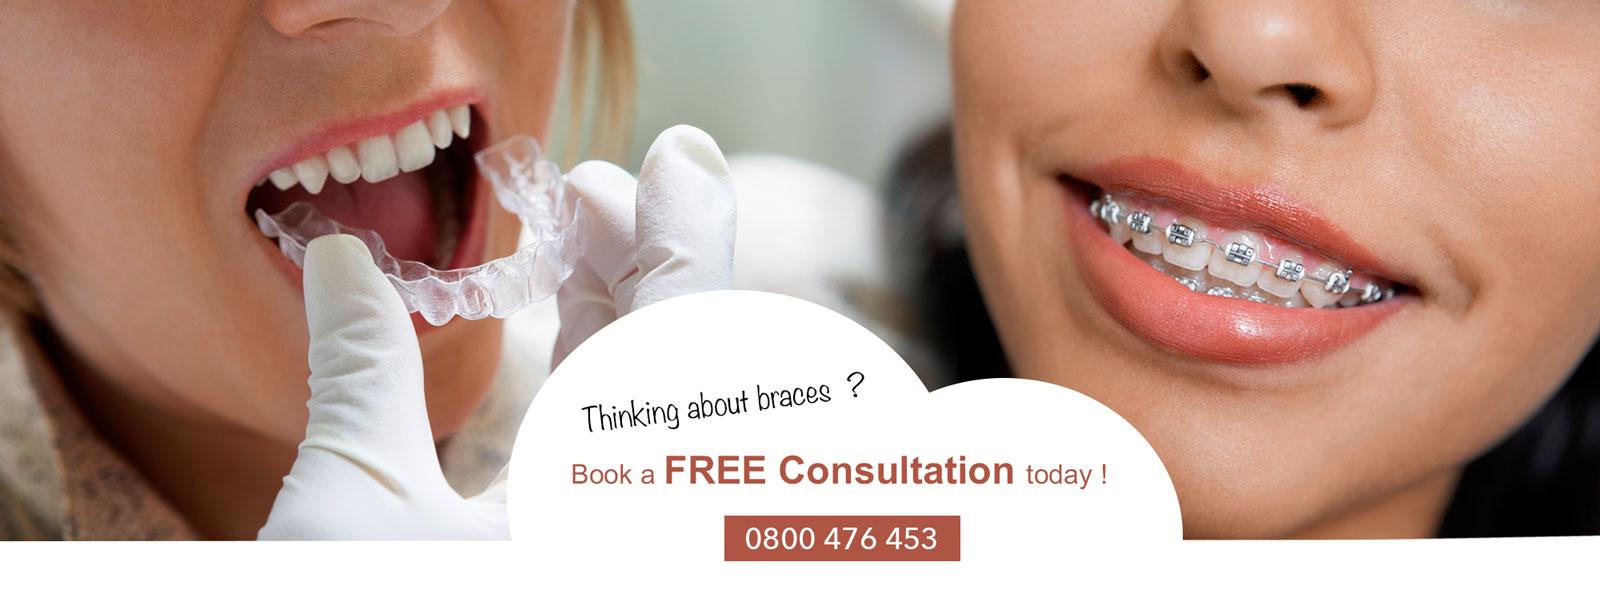 Free dental consultation invisible braces invisalign auckland invisalign invisible brace orthodontists solutioingenieria Images